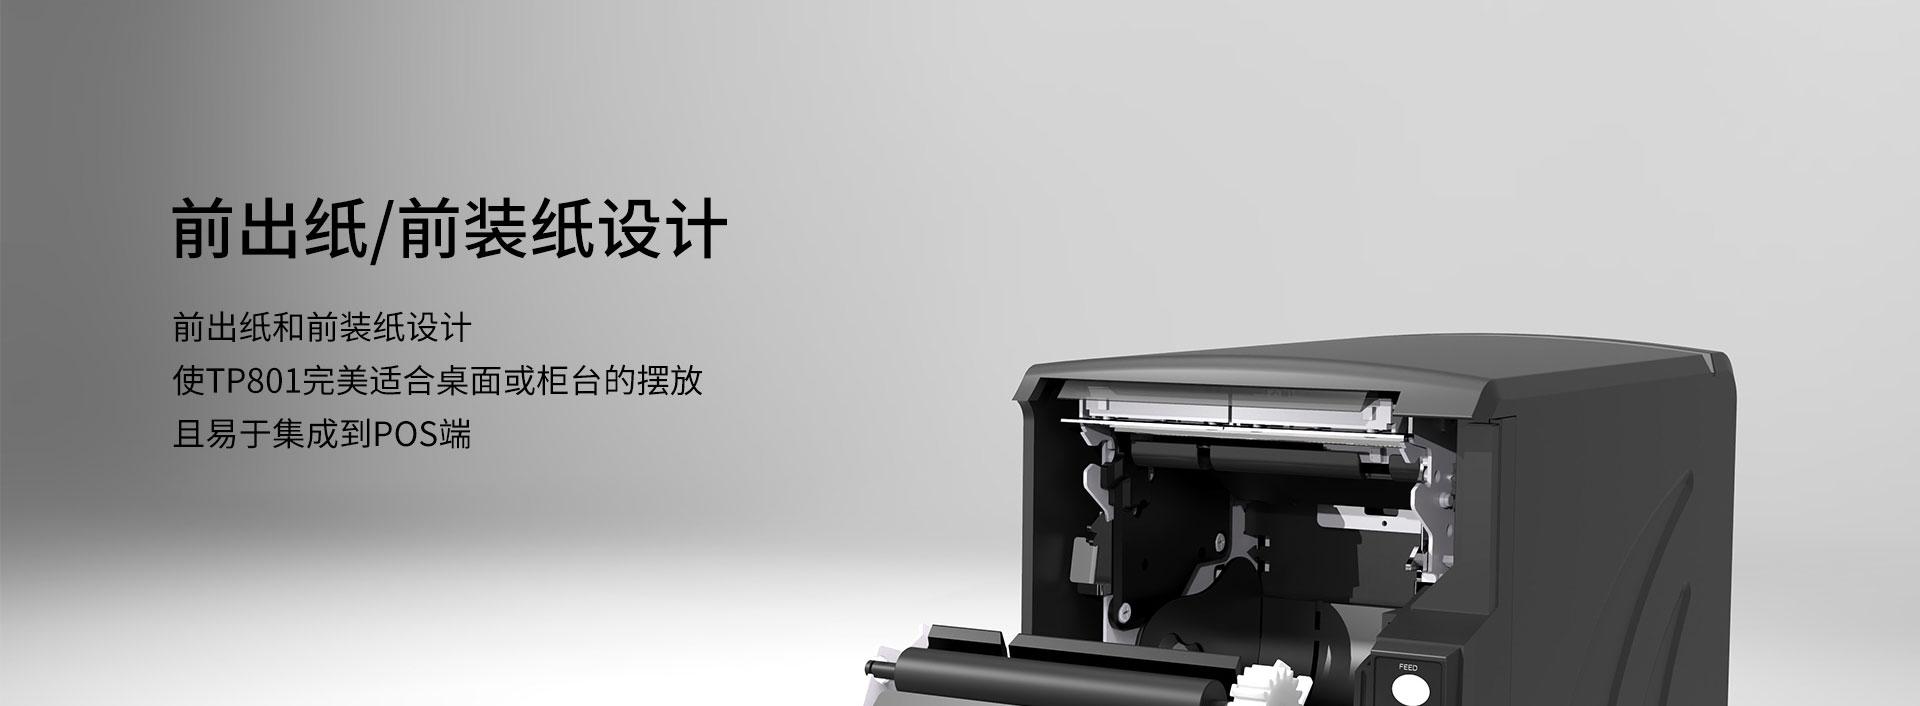 TP801热敏票据打印机  第2张